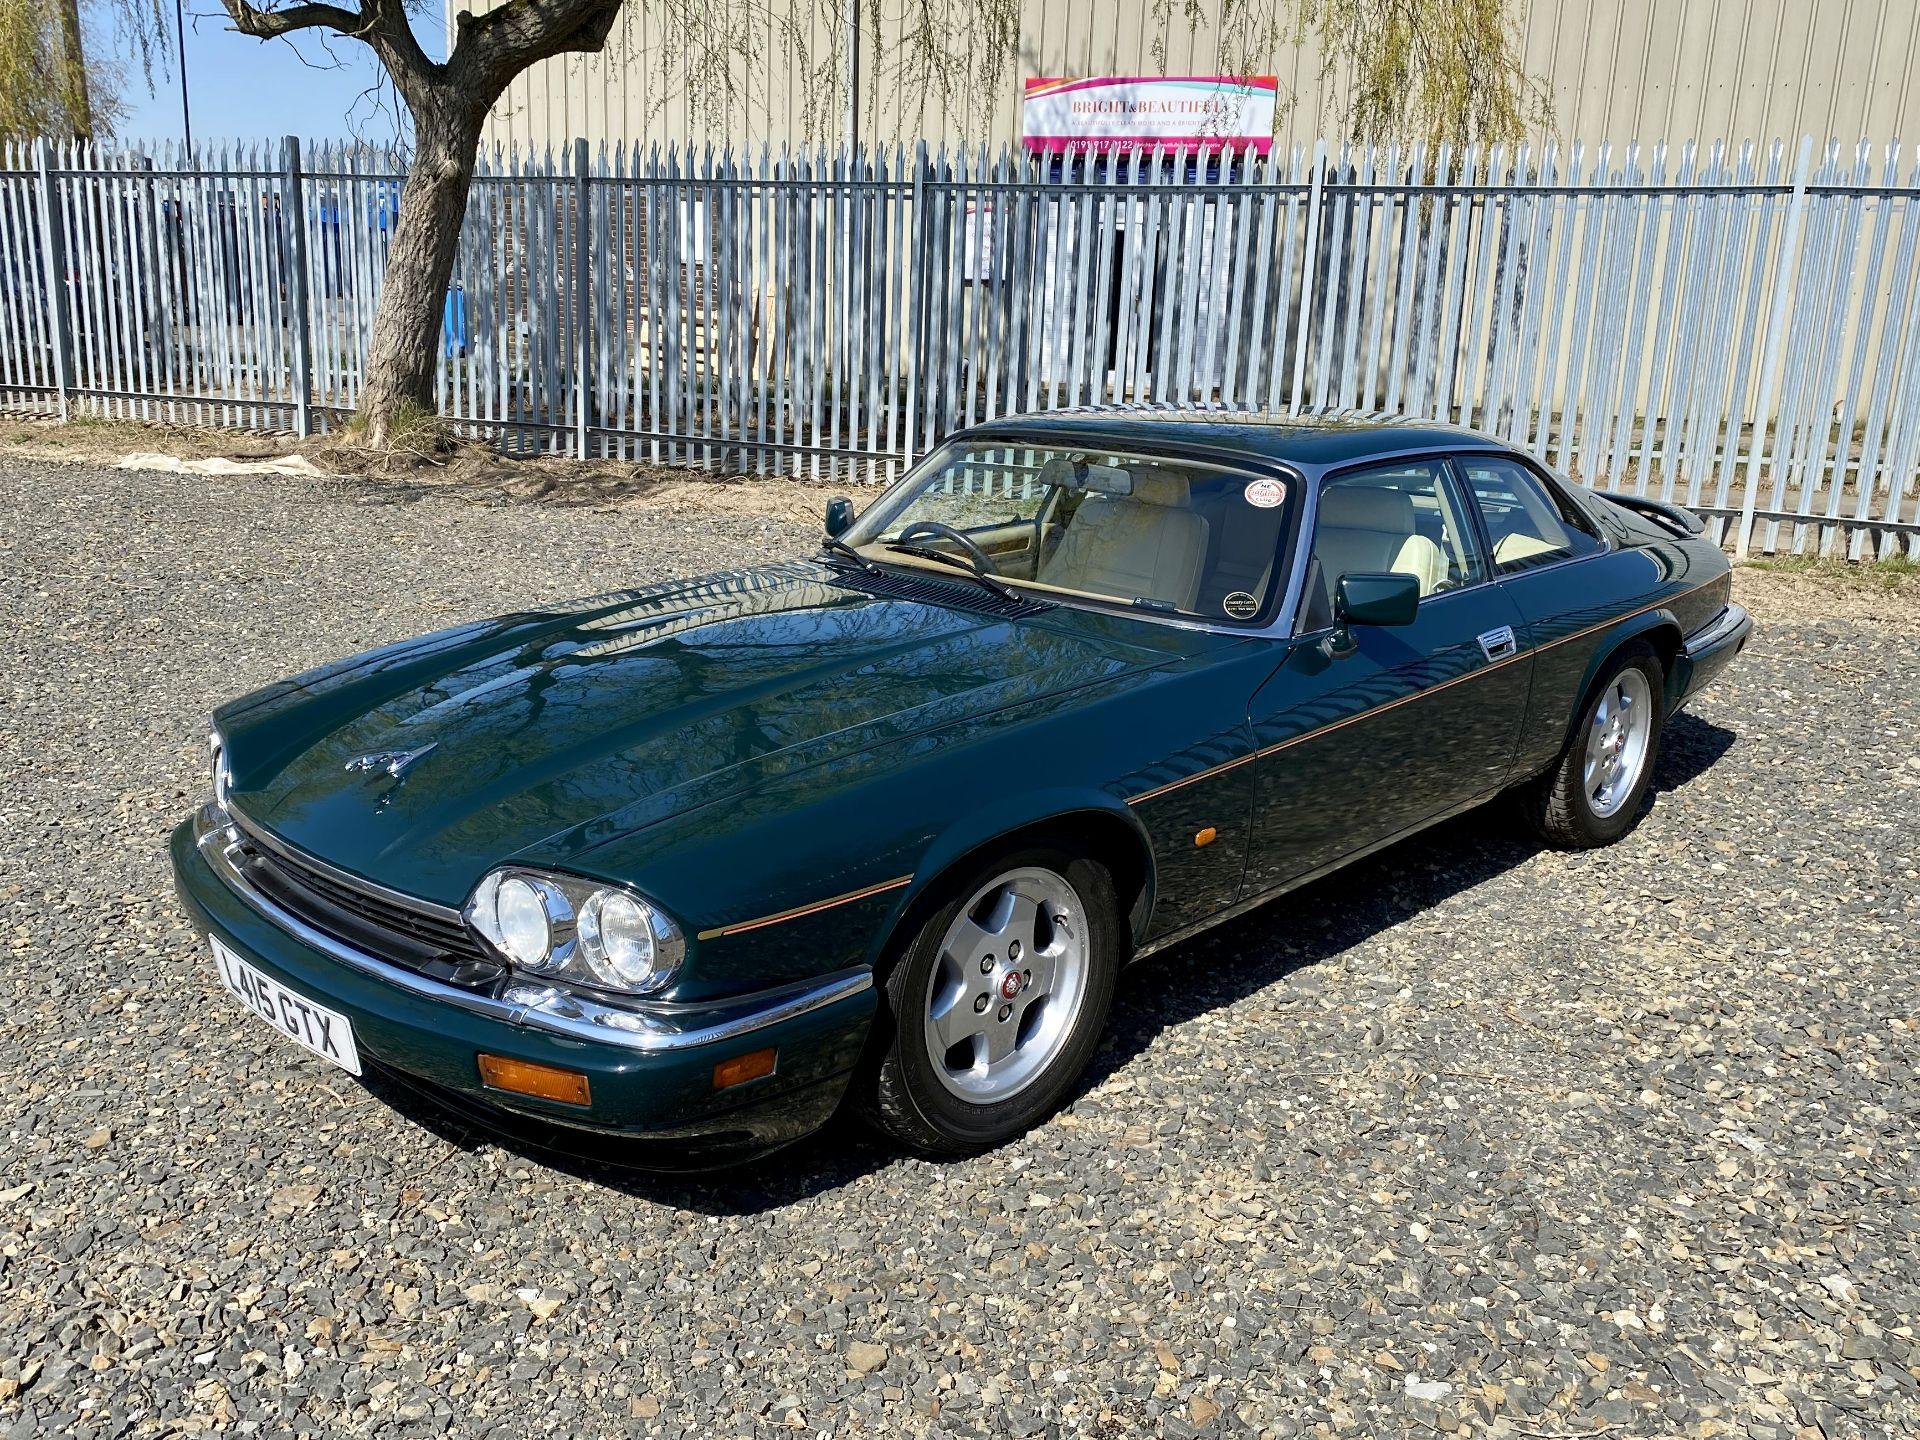 Jaguar XJS coupe - Image 15 of 64